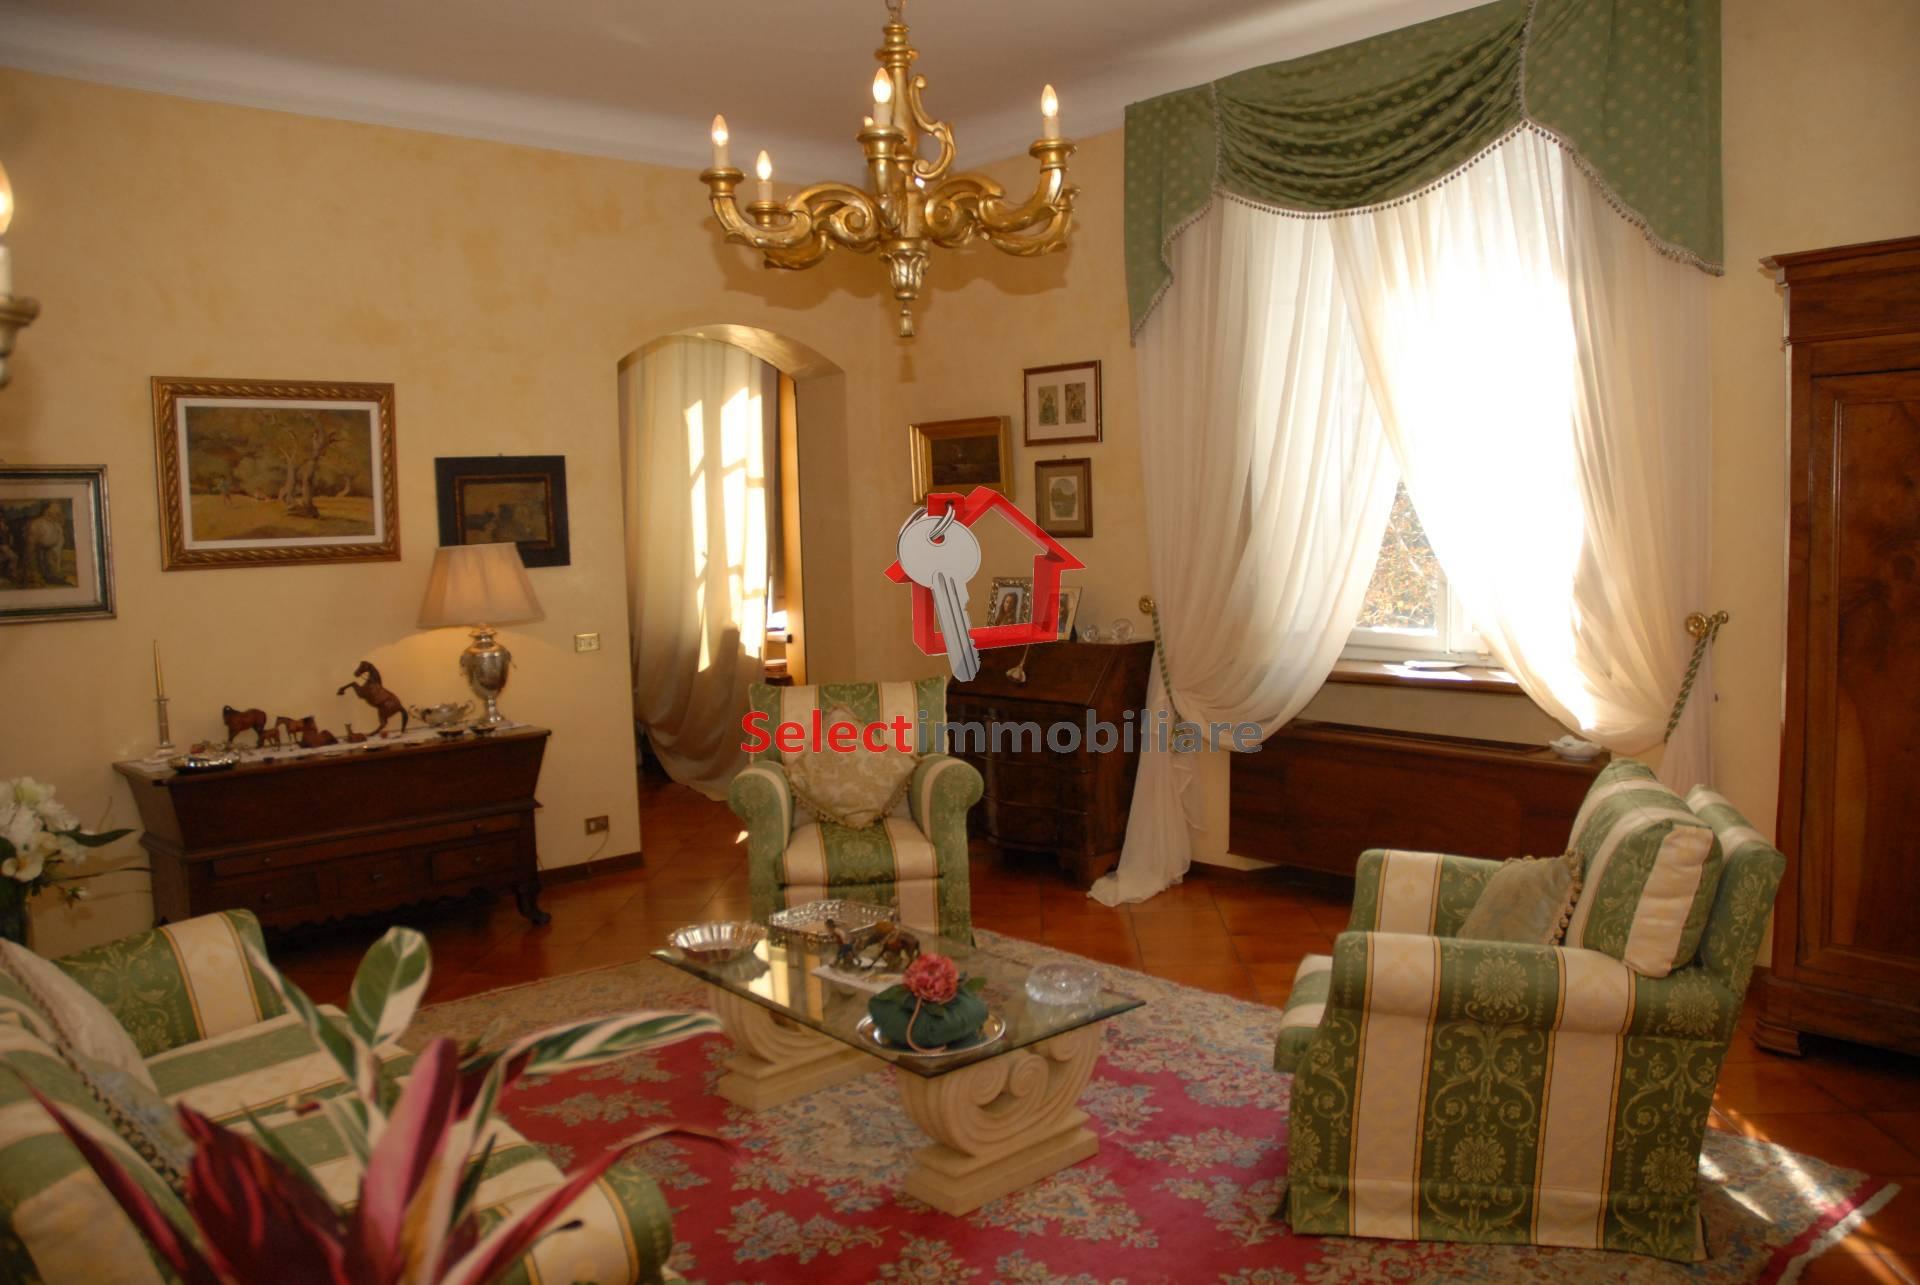 Appartamento in vendita a Bagni di Lucca, 8 locali, zona Località: PonteaSerraglio, prezzo € 350.000 | Cambio Casa.it